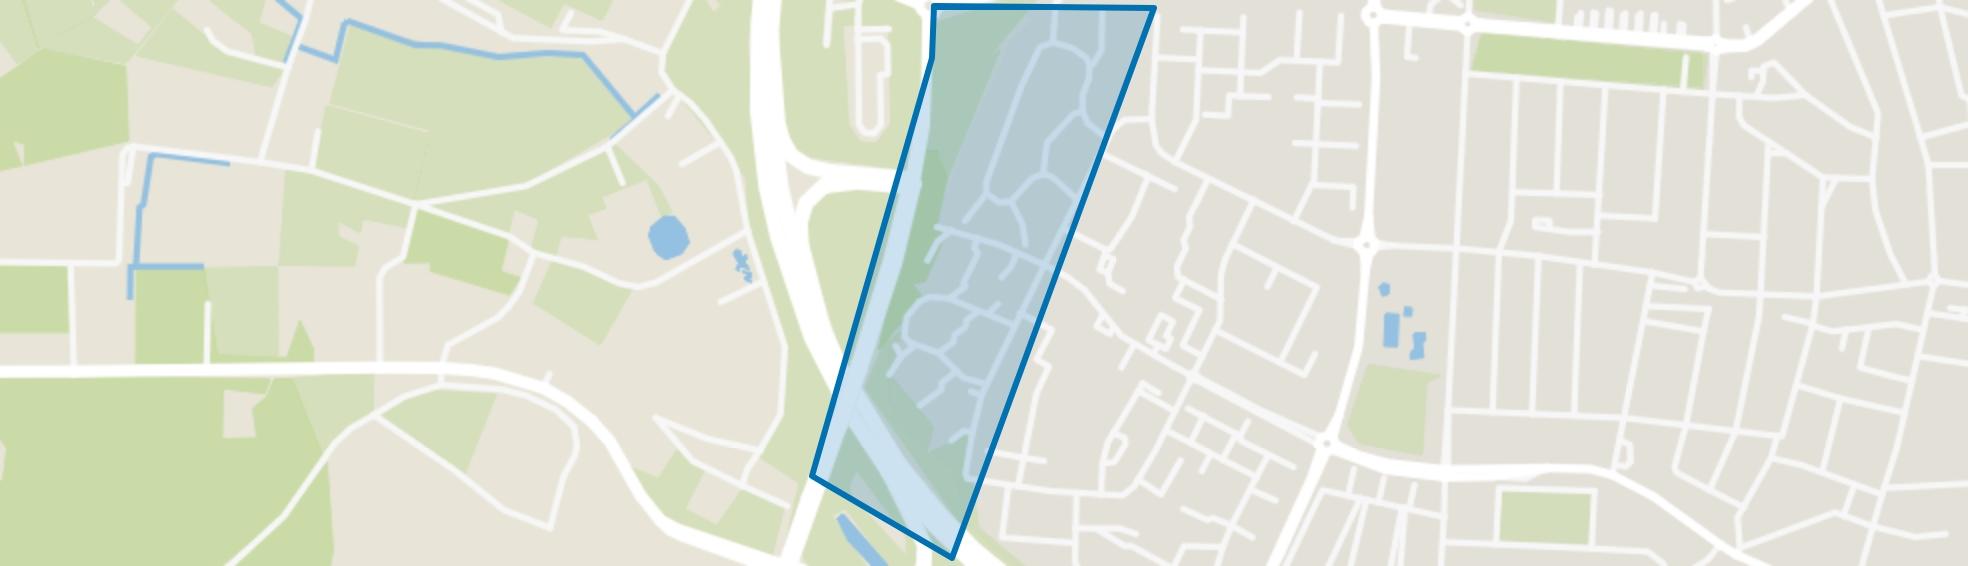 Vossener-West, Venlo map